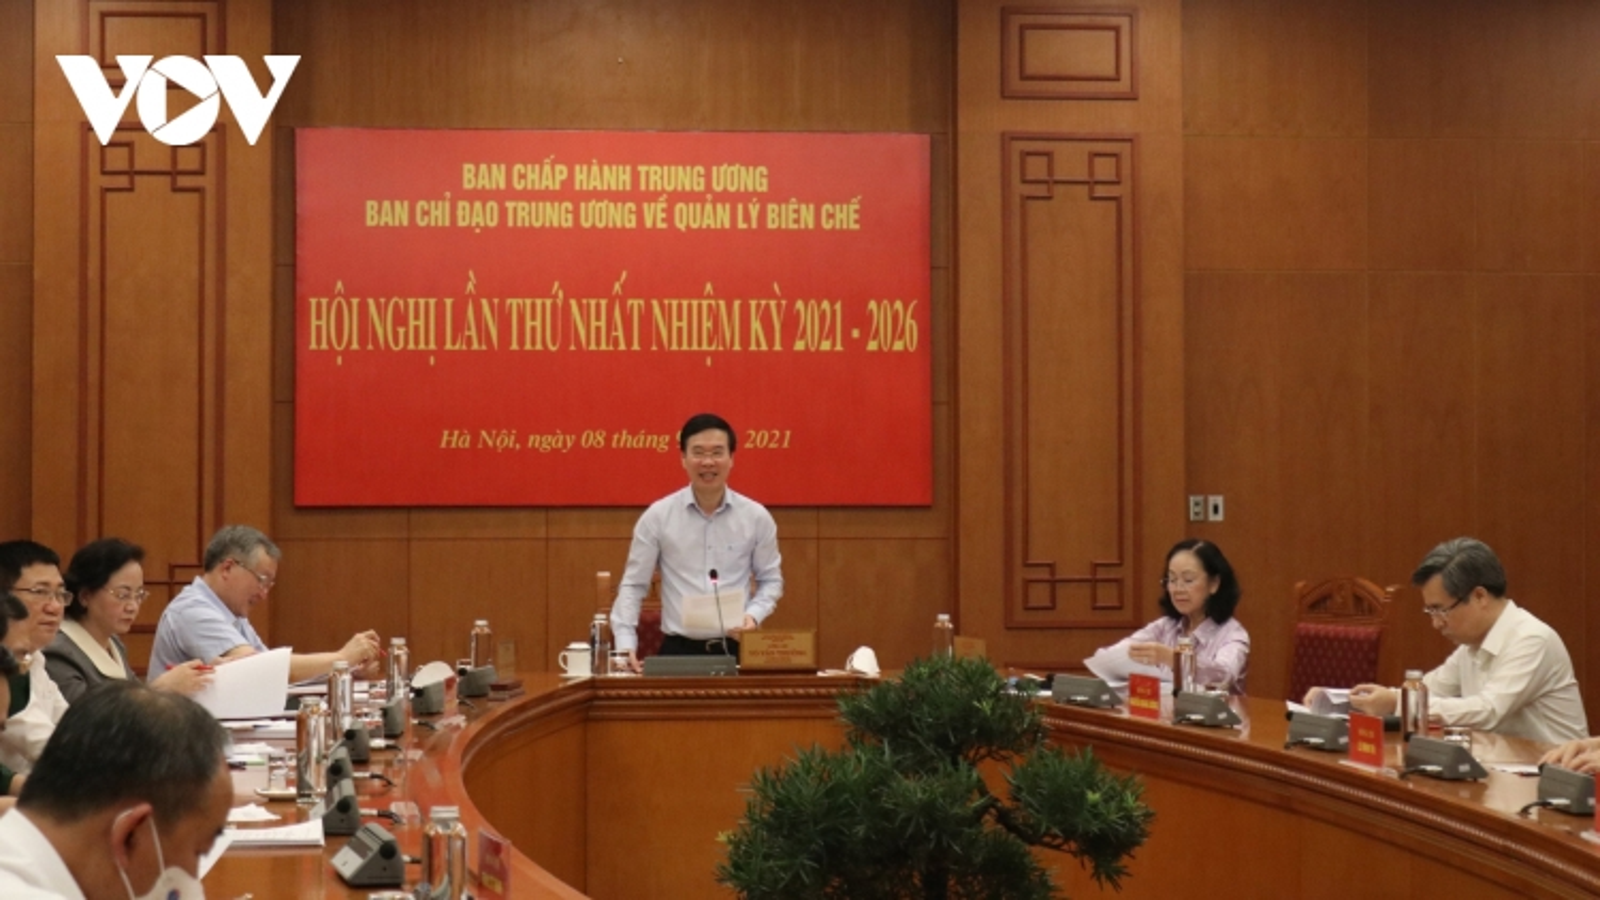 Ông Võ Văn Thưởng chủ trì hội nghị Ban Chỉ đạo Trung ương về quản lý biên chế